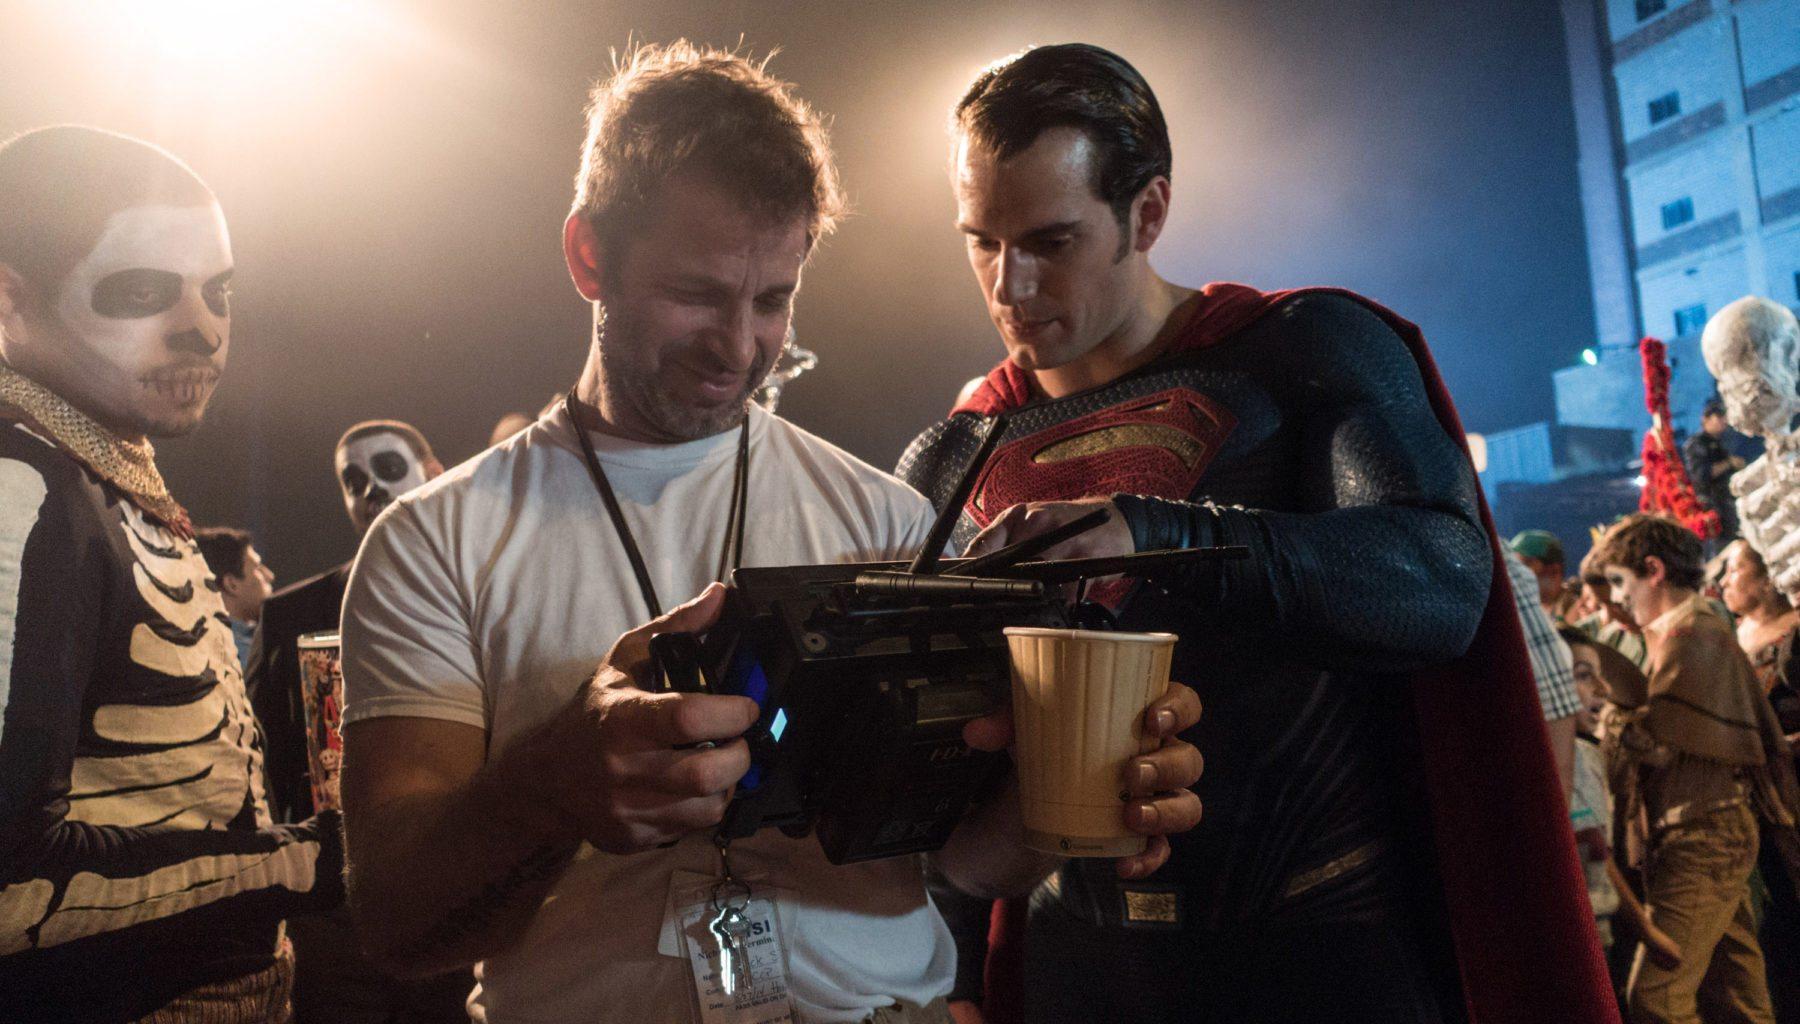 El puntaje de la Liga Snyder Cut of Justice está completo, dice Junkie XL